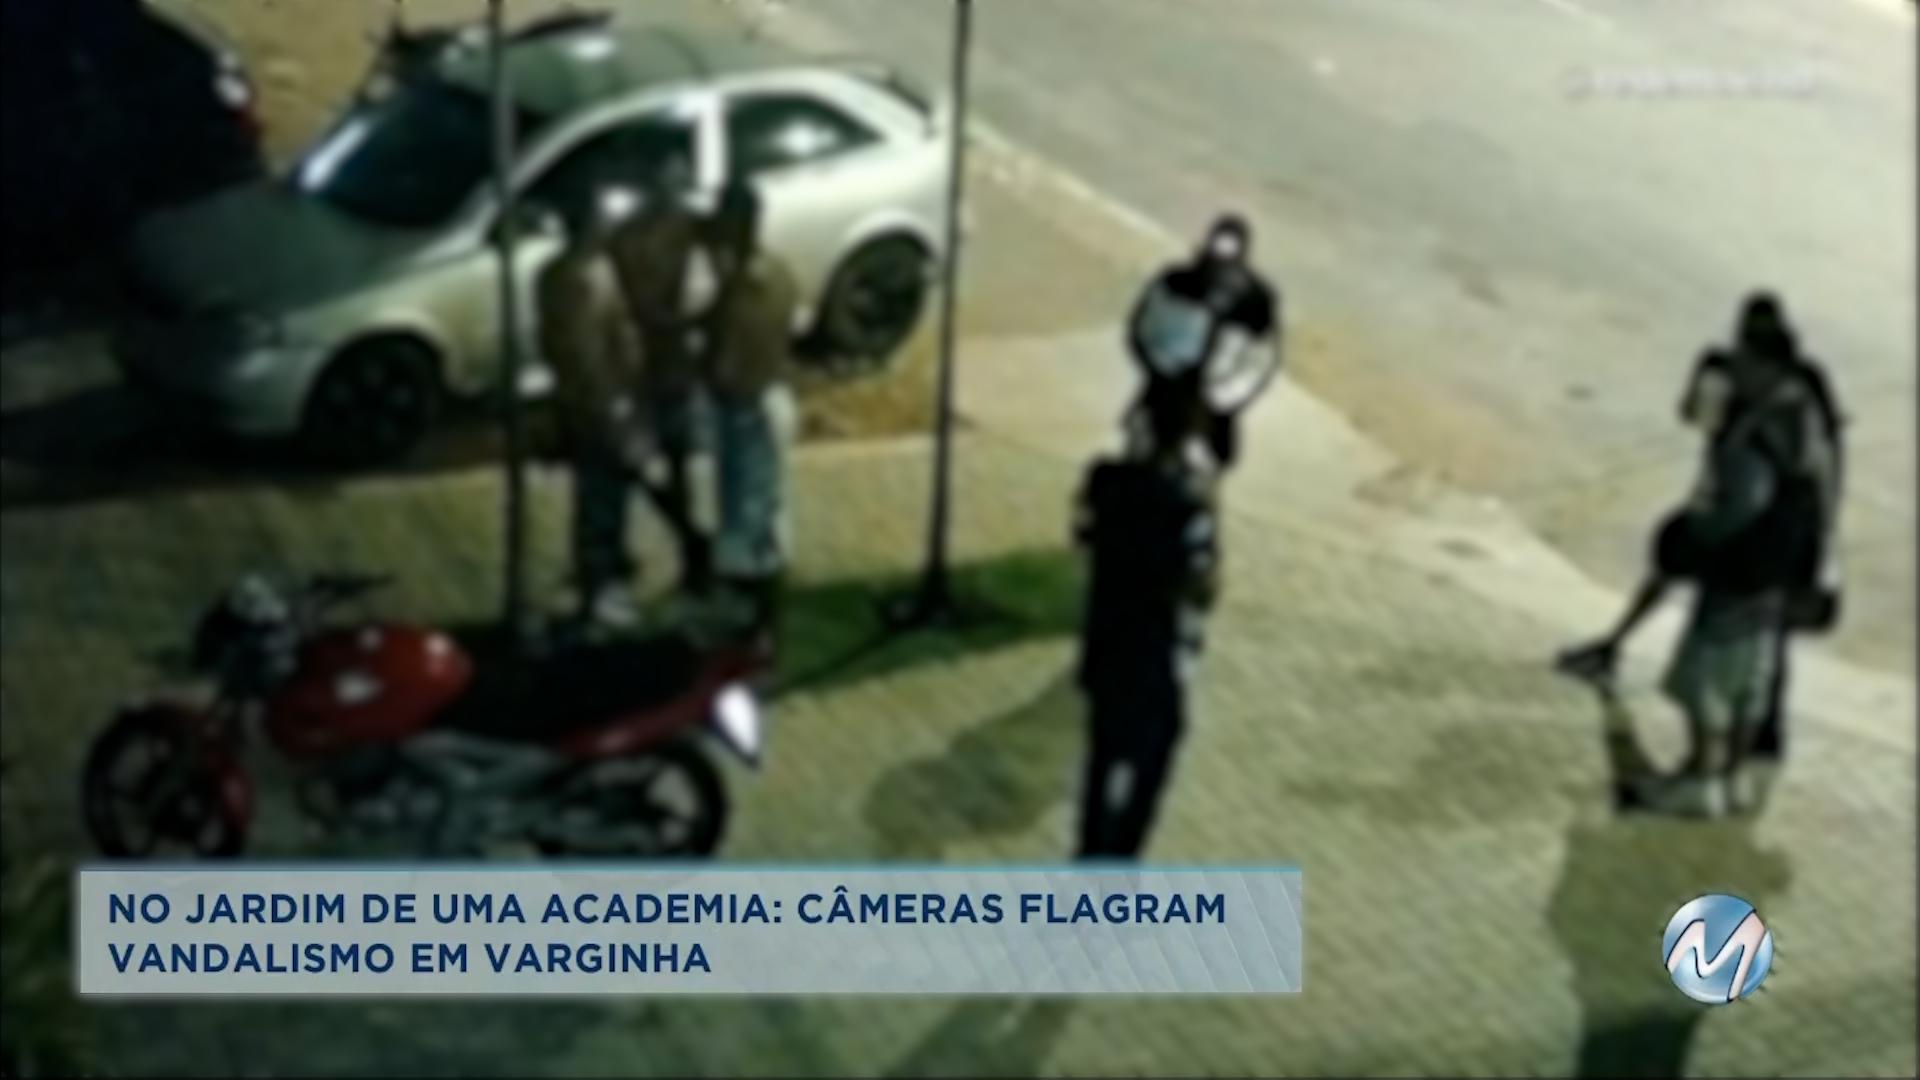 No jardim de uma academia: câmeras flagram vandalismo em Varginha